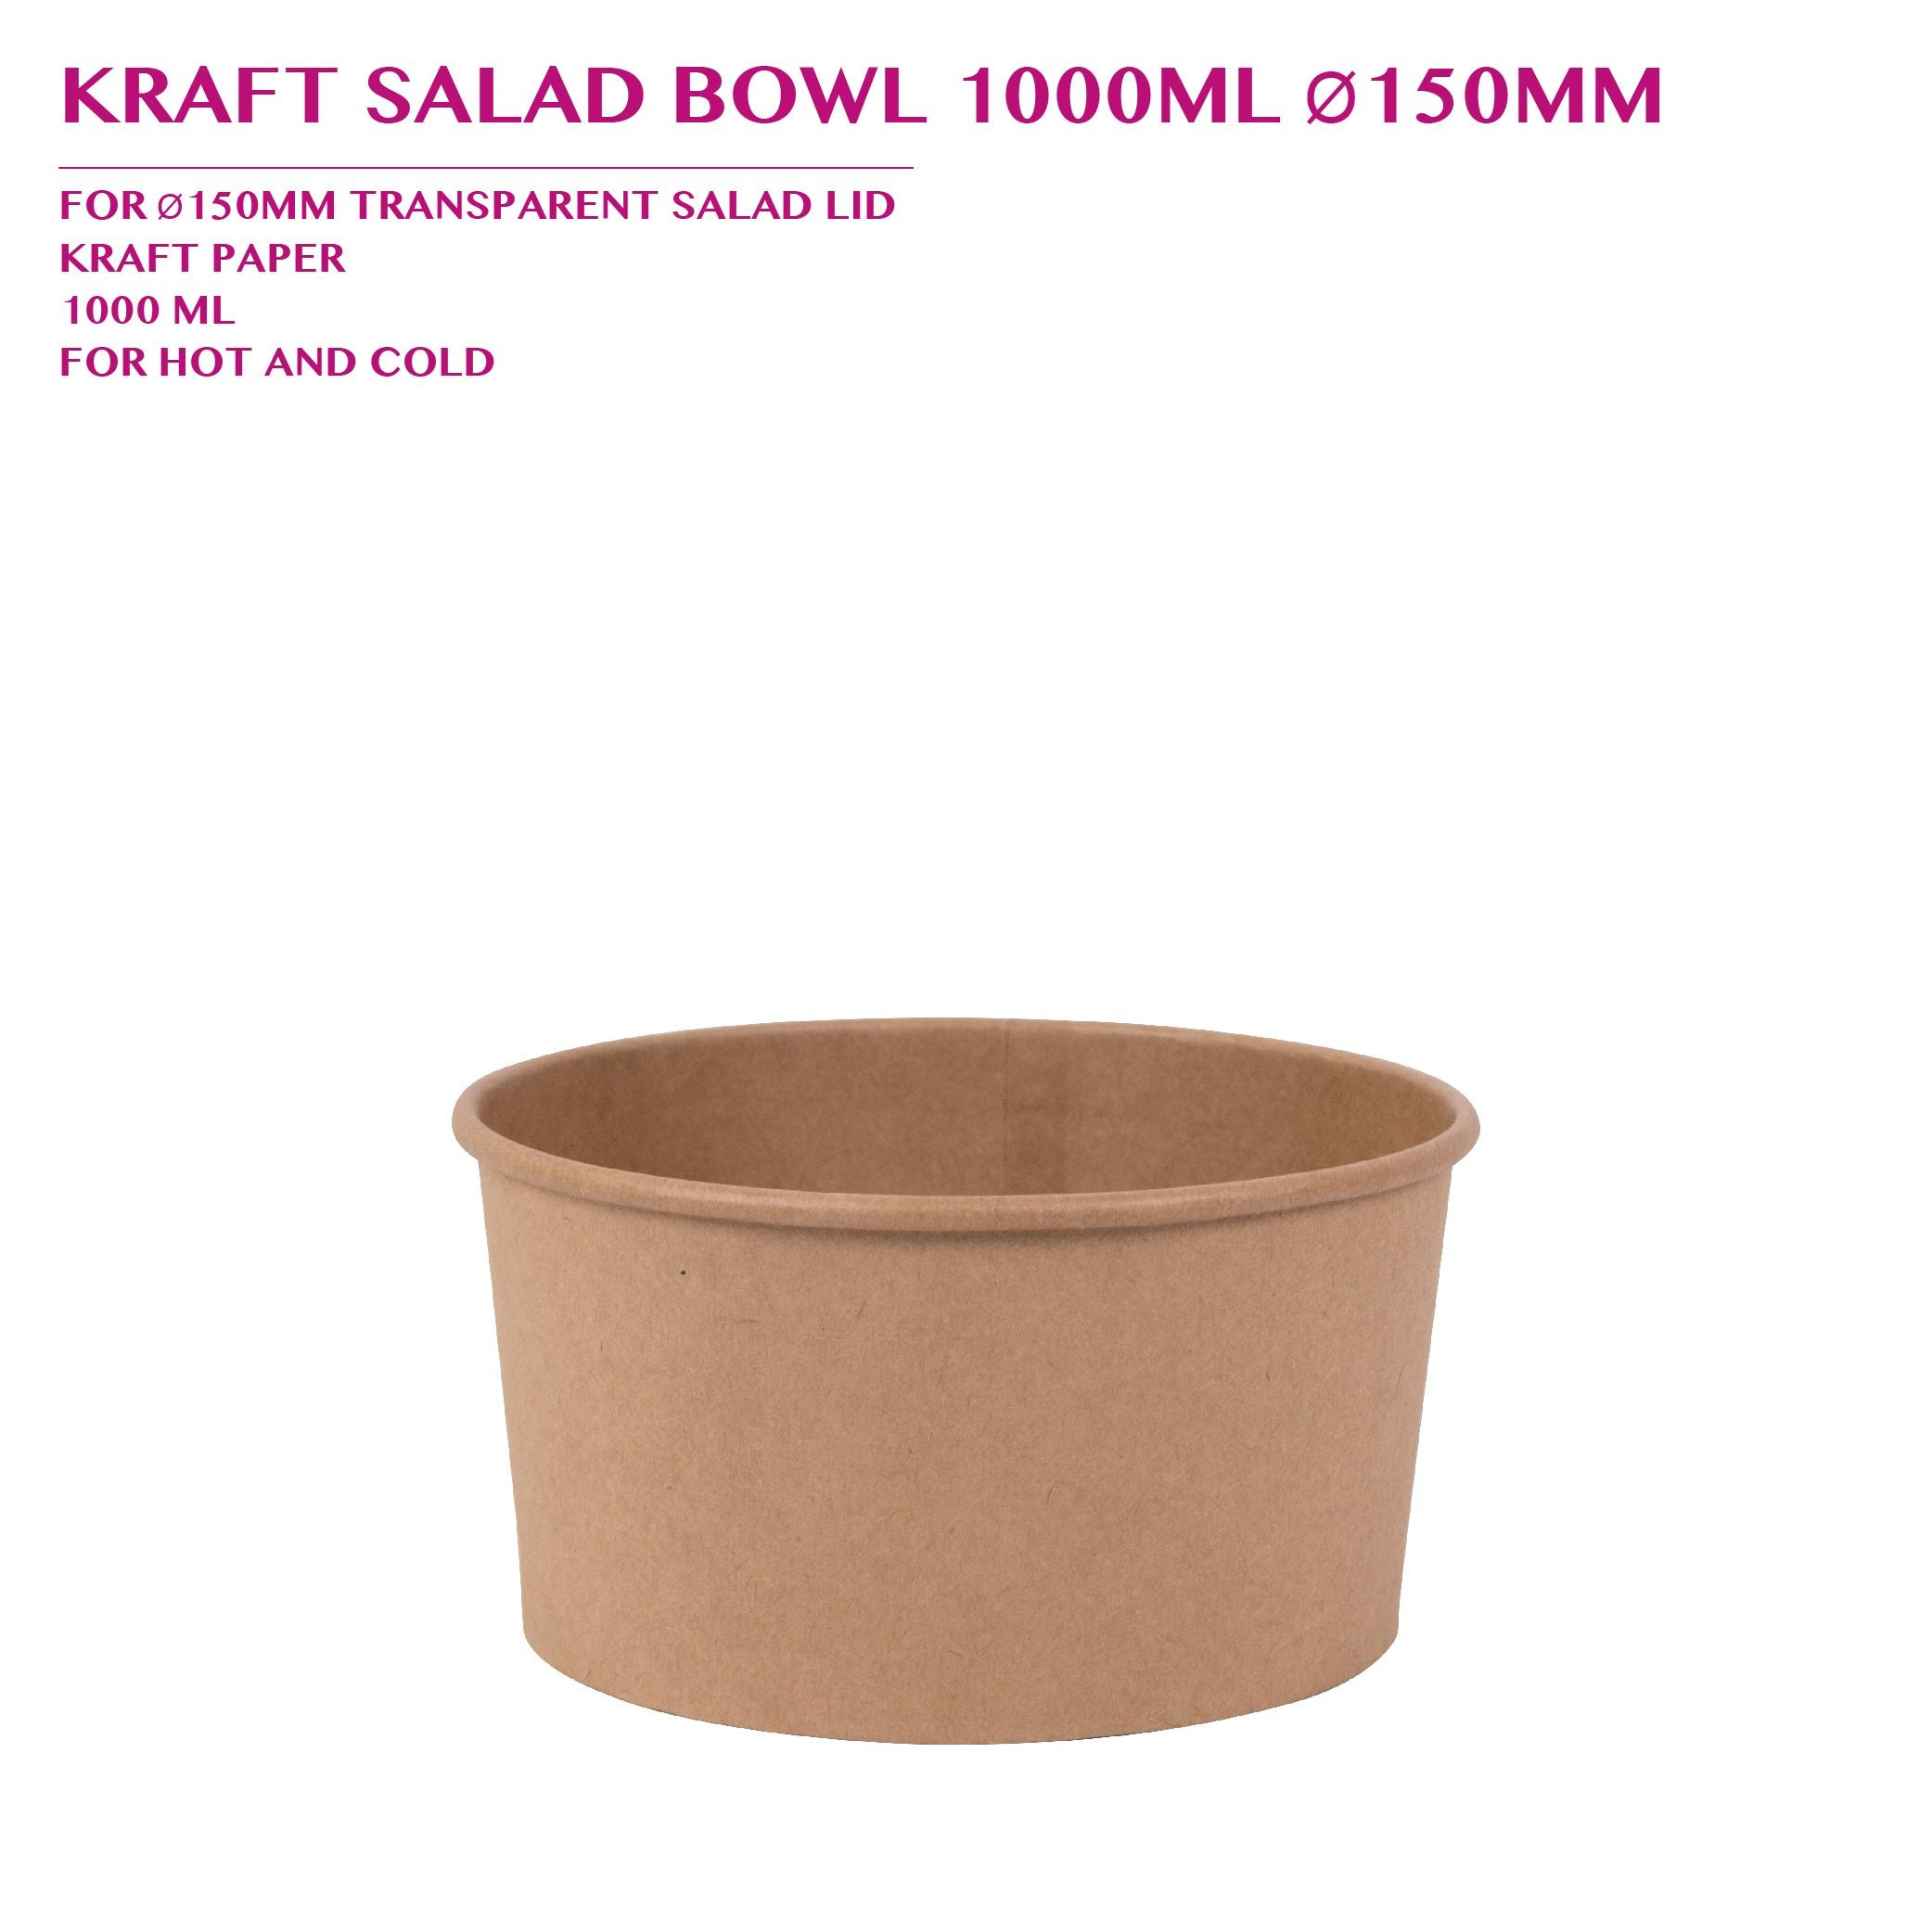 PRE-ORDER KRAFT SALAD BOWL 1000ML Ø150MM 300PCS/CTN